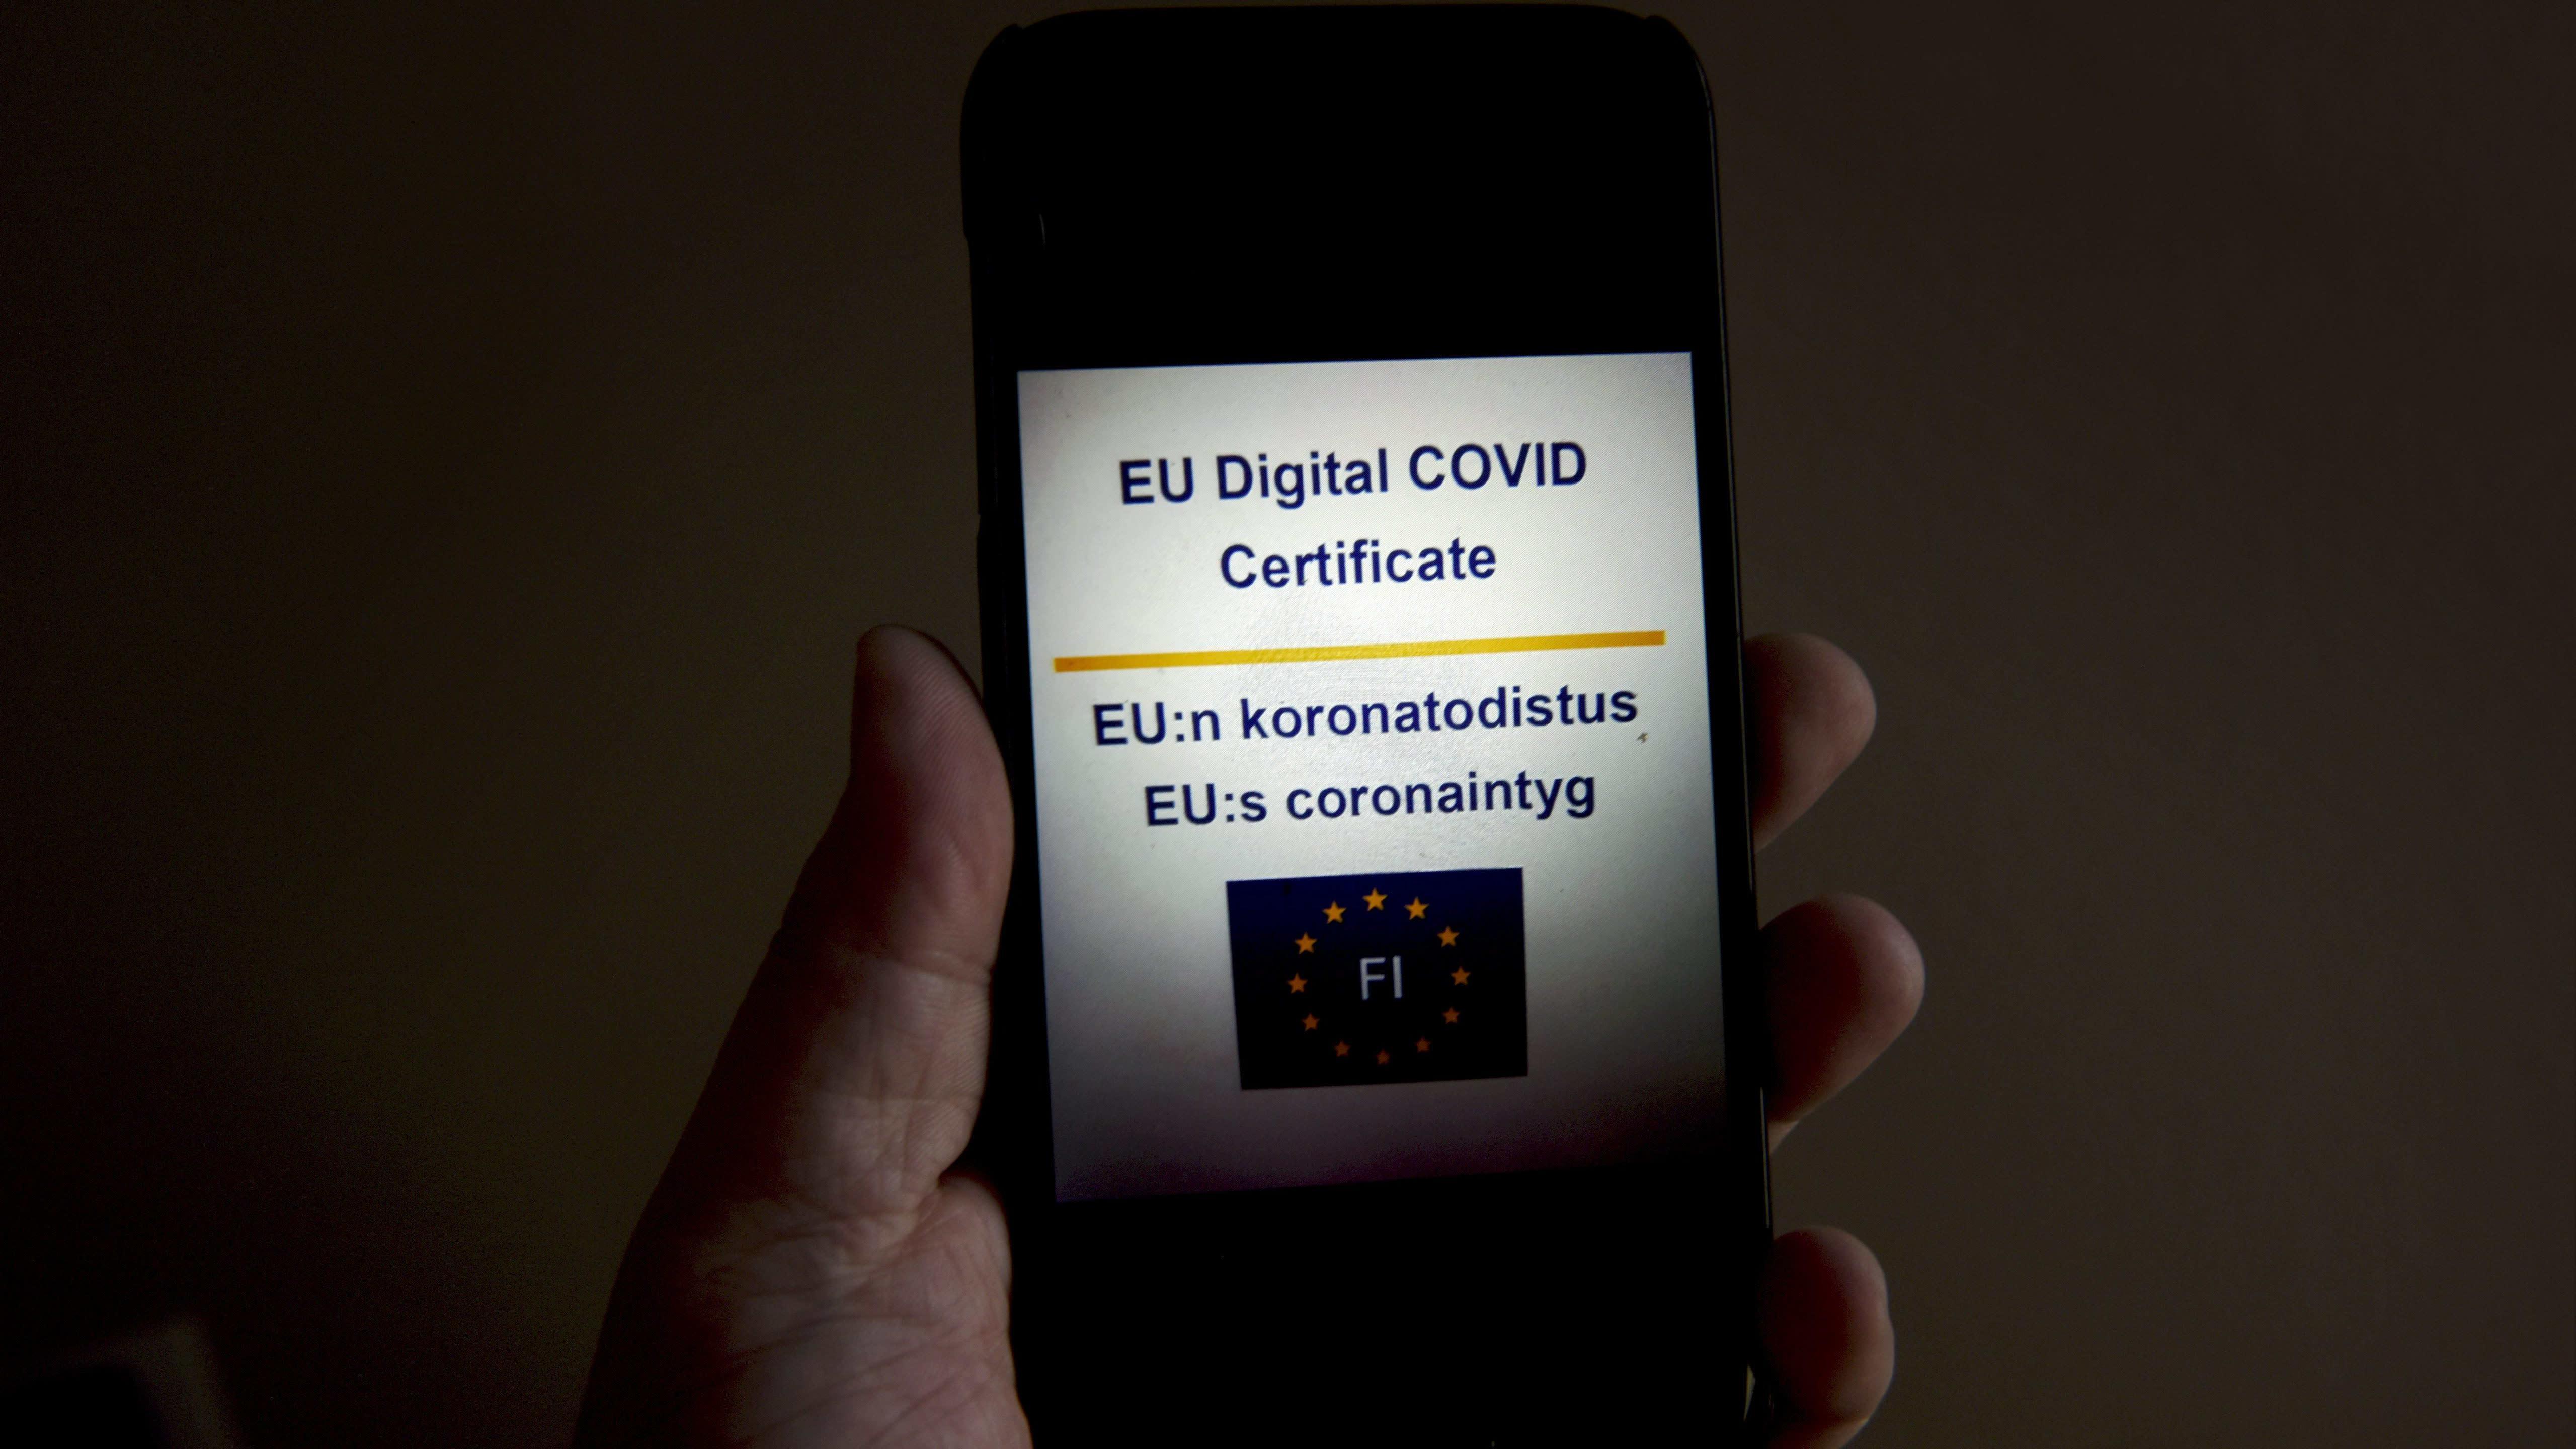 Omakannassa näkyvä EU:n koronatodistus Vantaalla lokakuussa 2021.